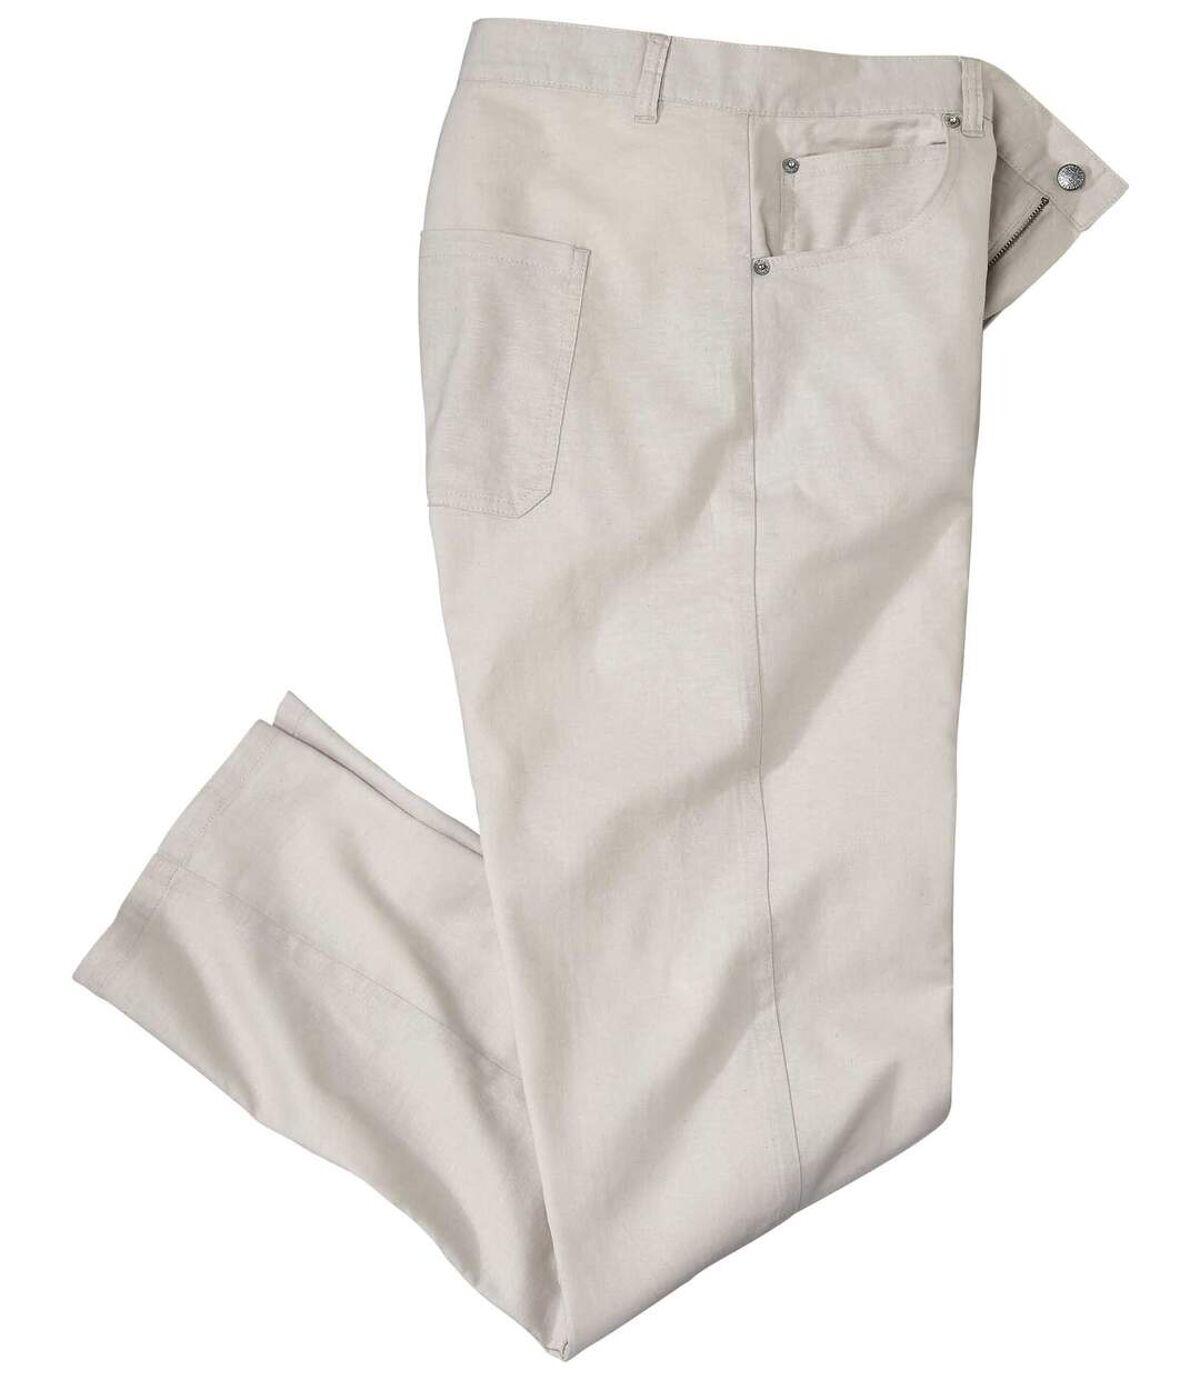 Men's Beige Cotton/Linen Stretch Pants Atlas For Men